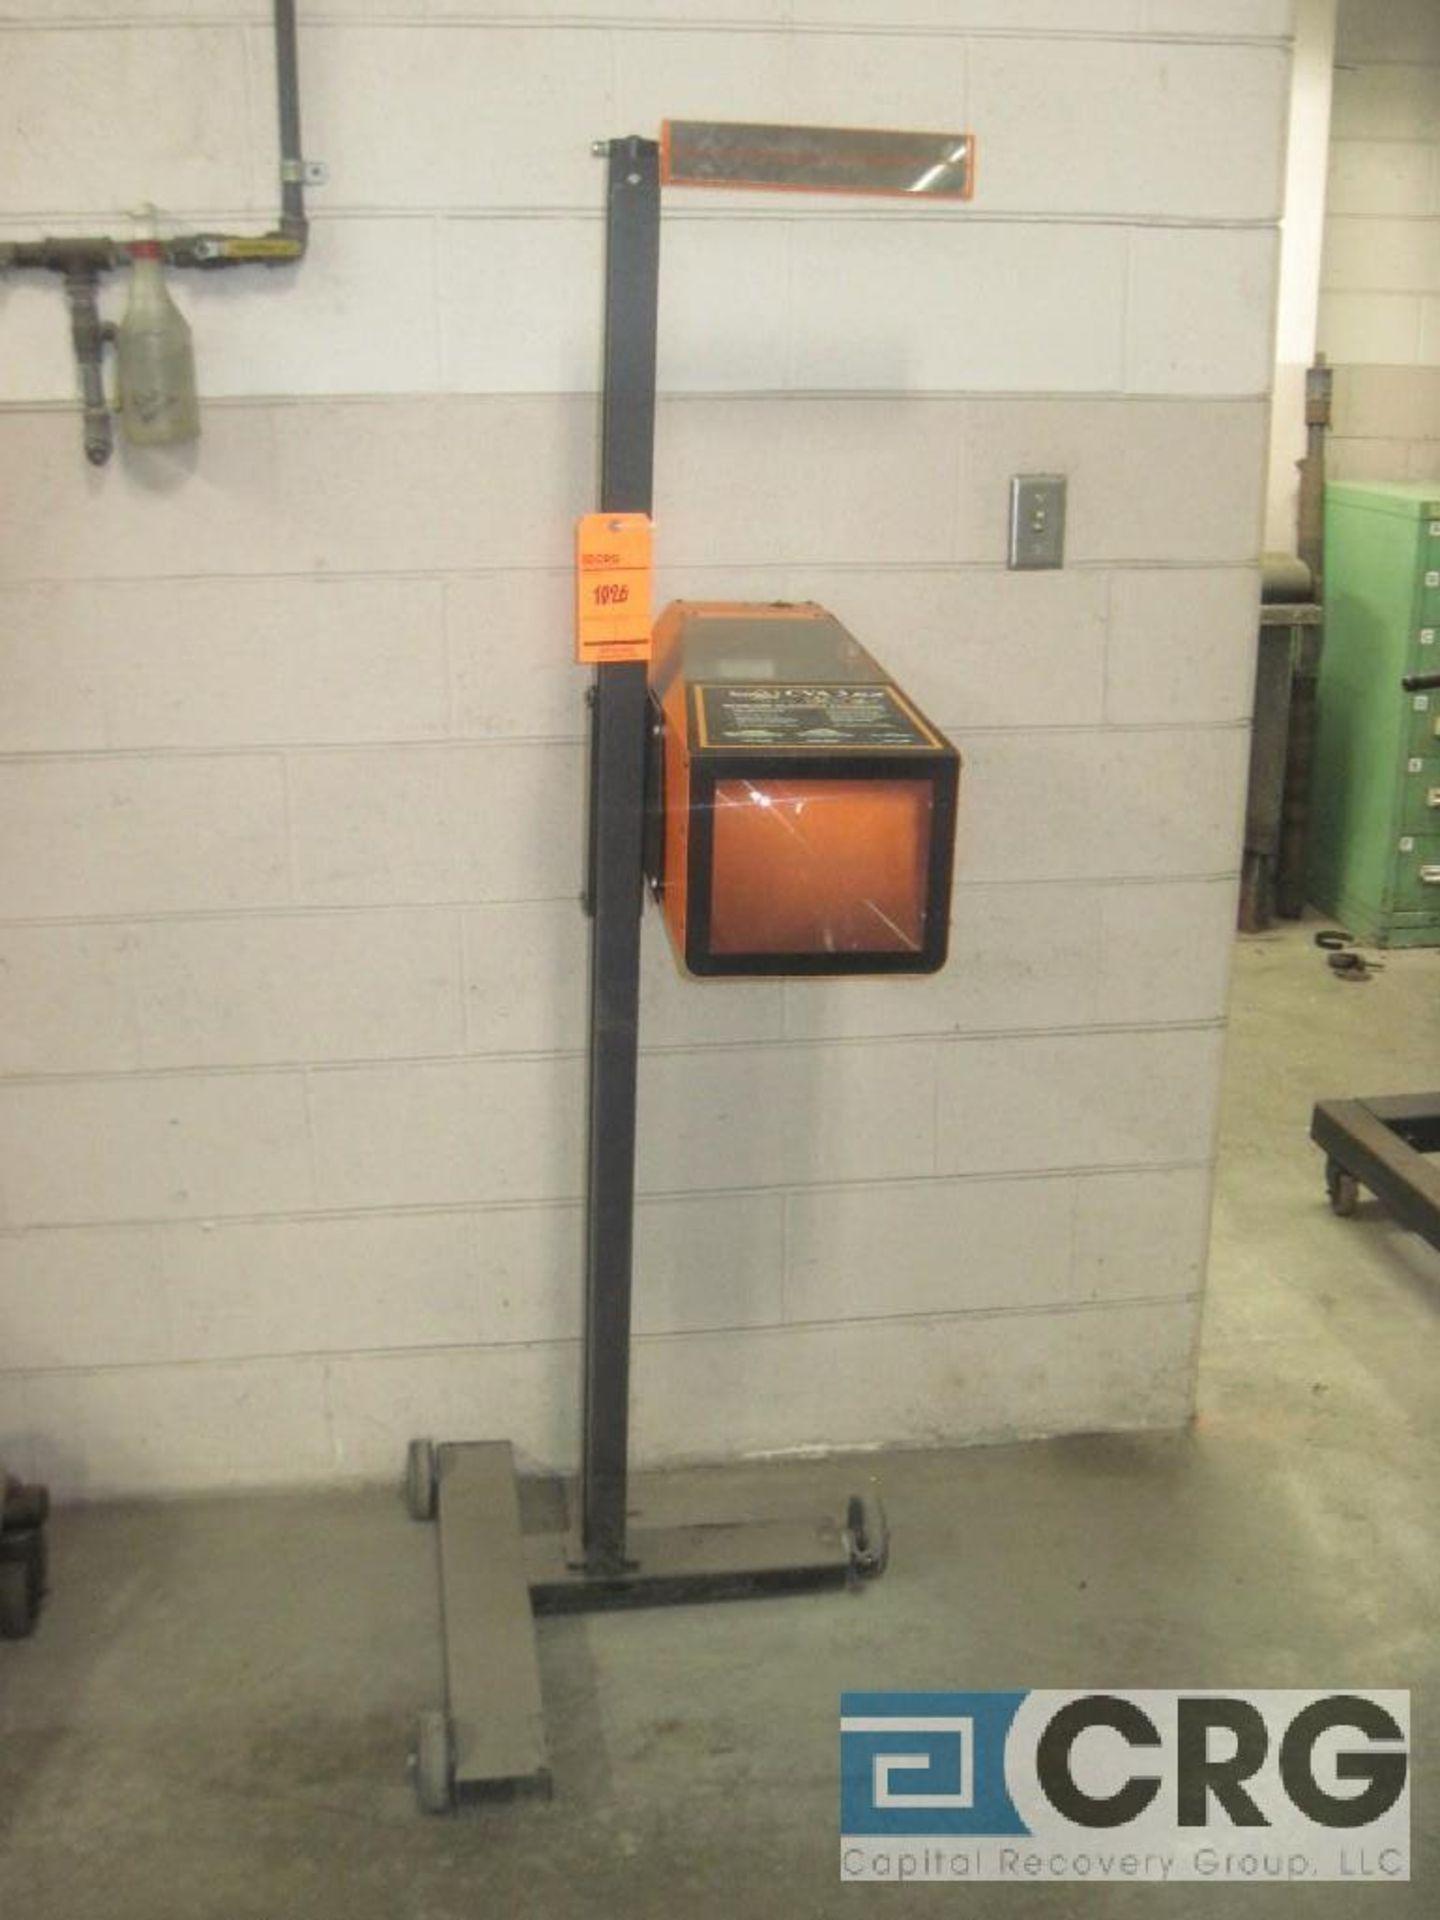 Symtech CVA 3E2 head lamp alignment system